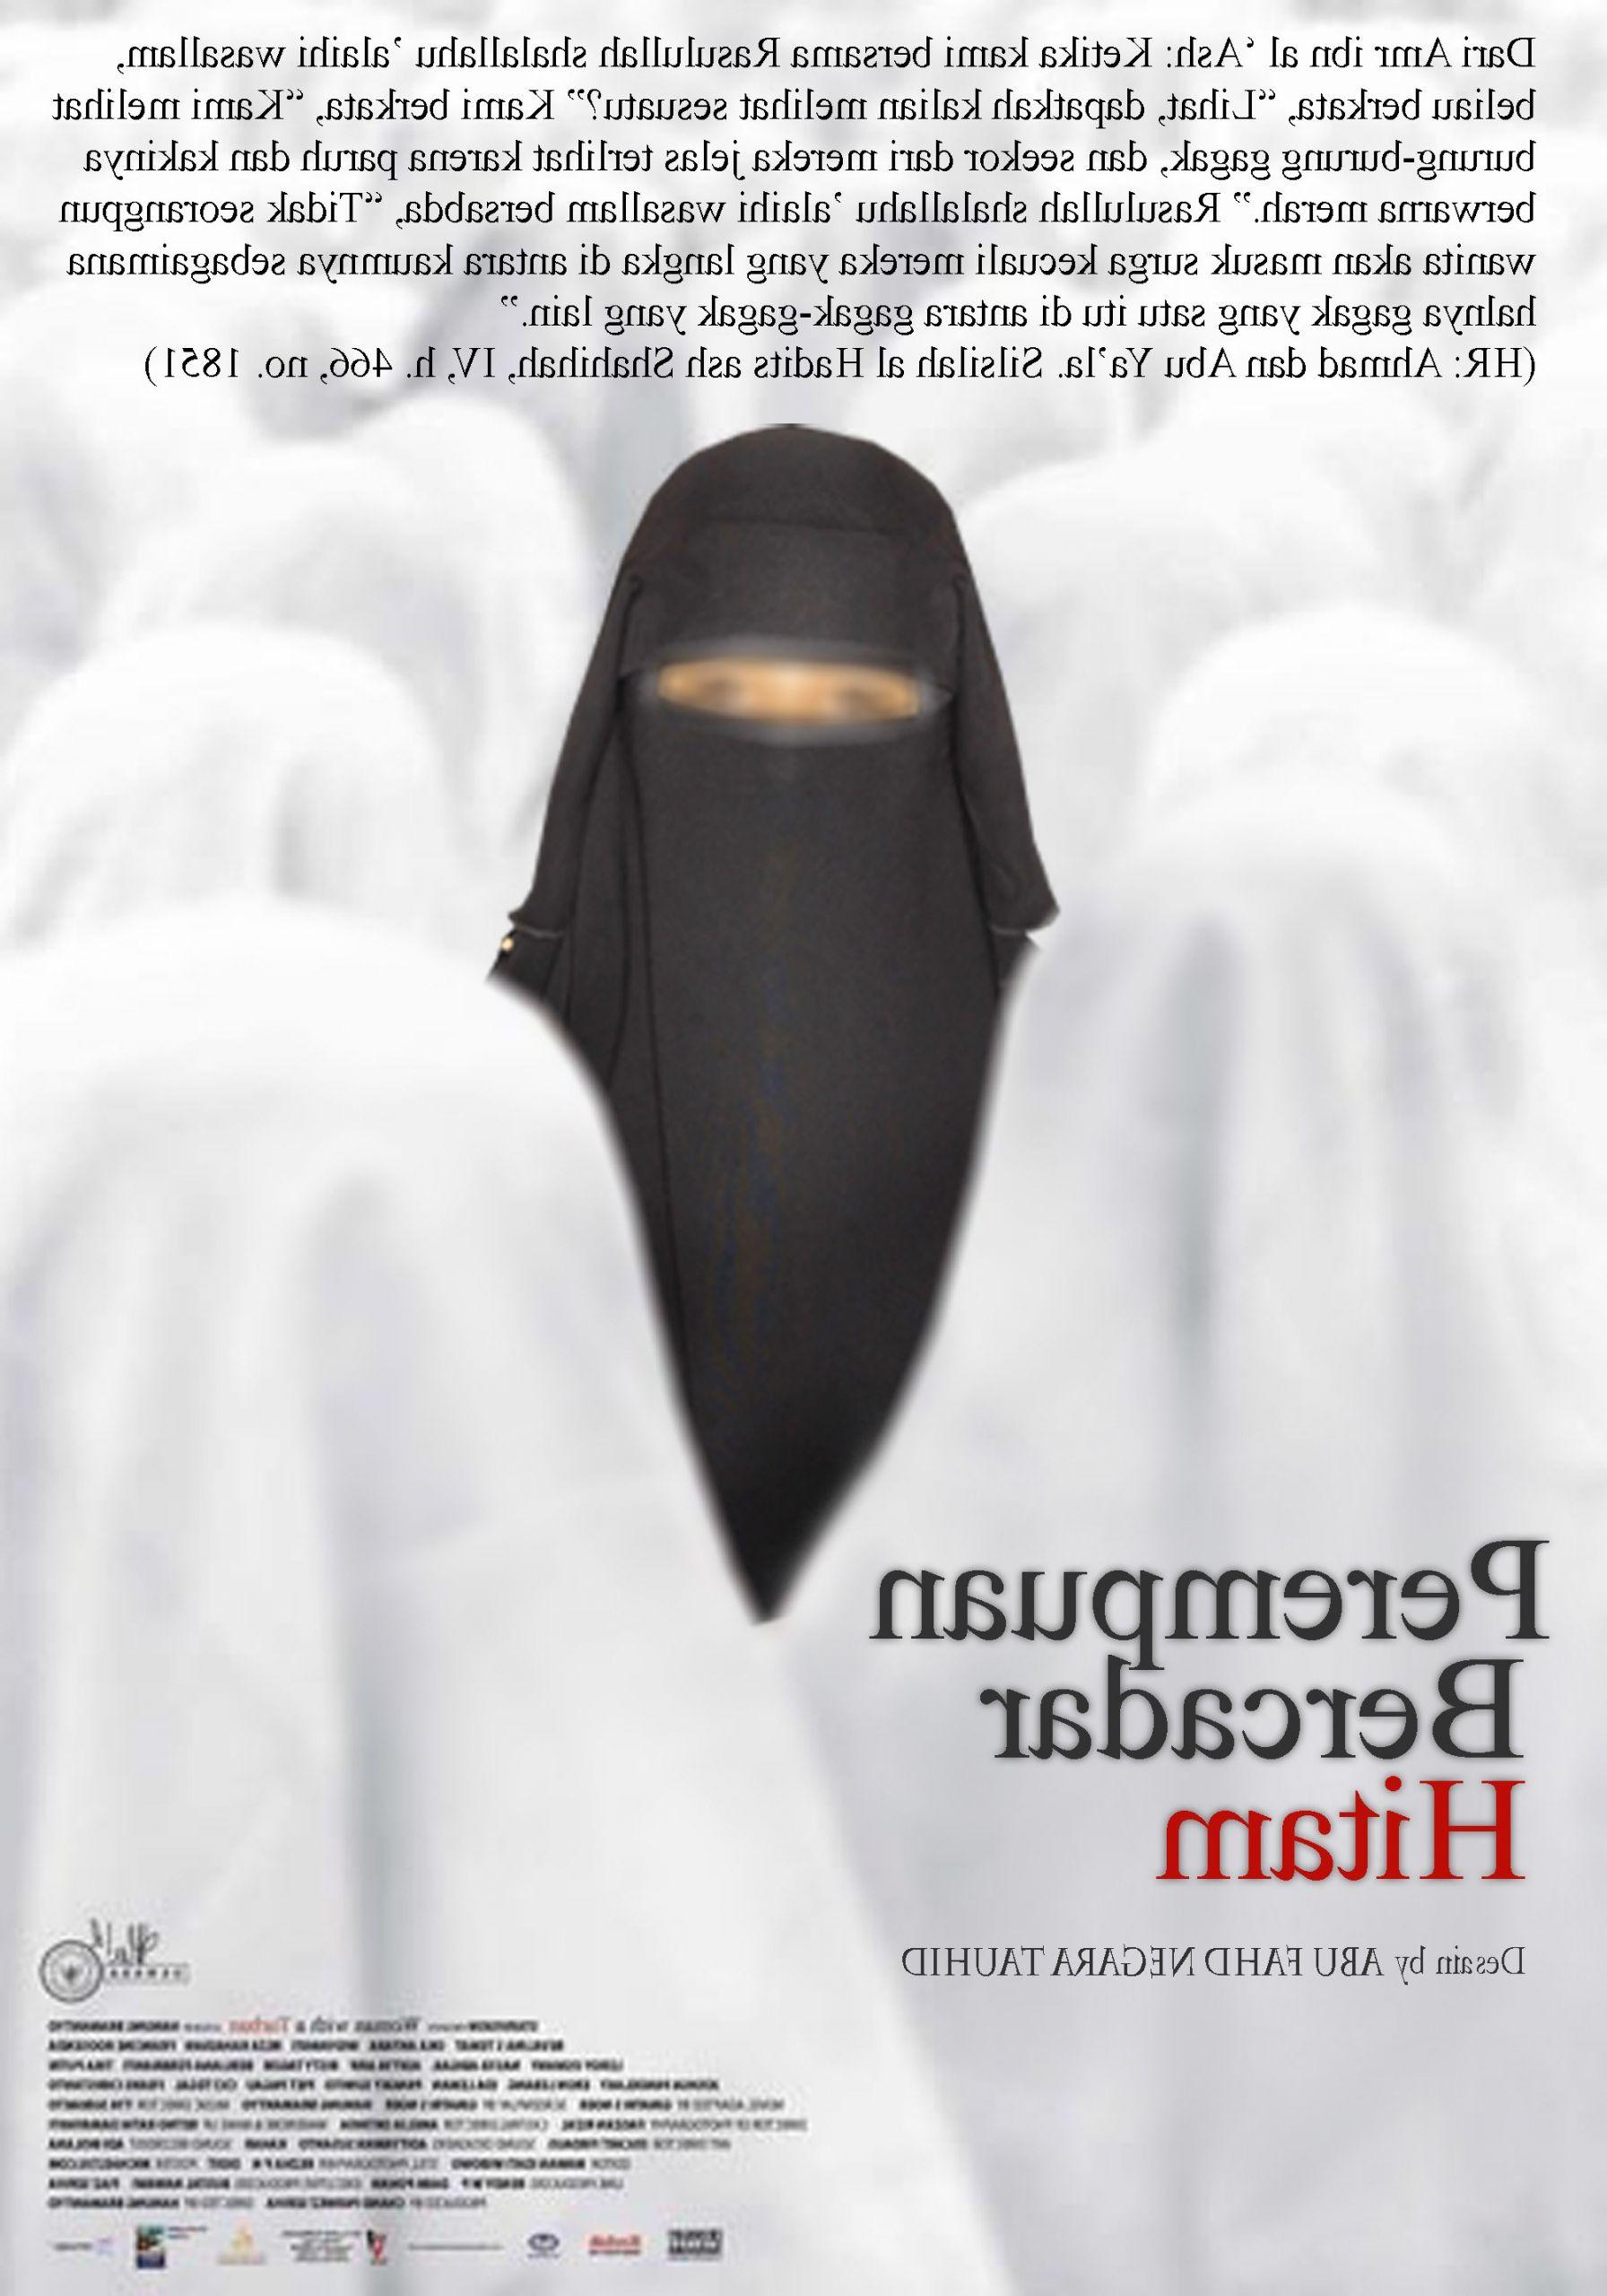 Bentuk Muslimah Bercadar Hitam 3id6 Perempuan Bercadar Hitam